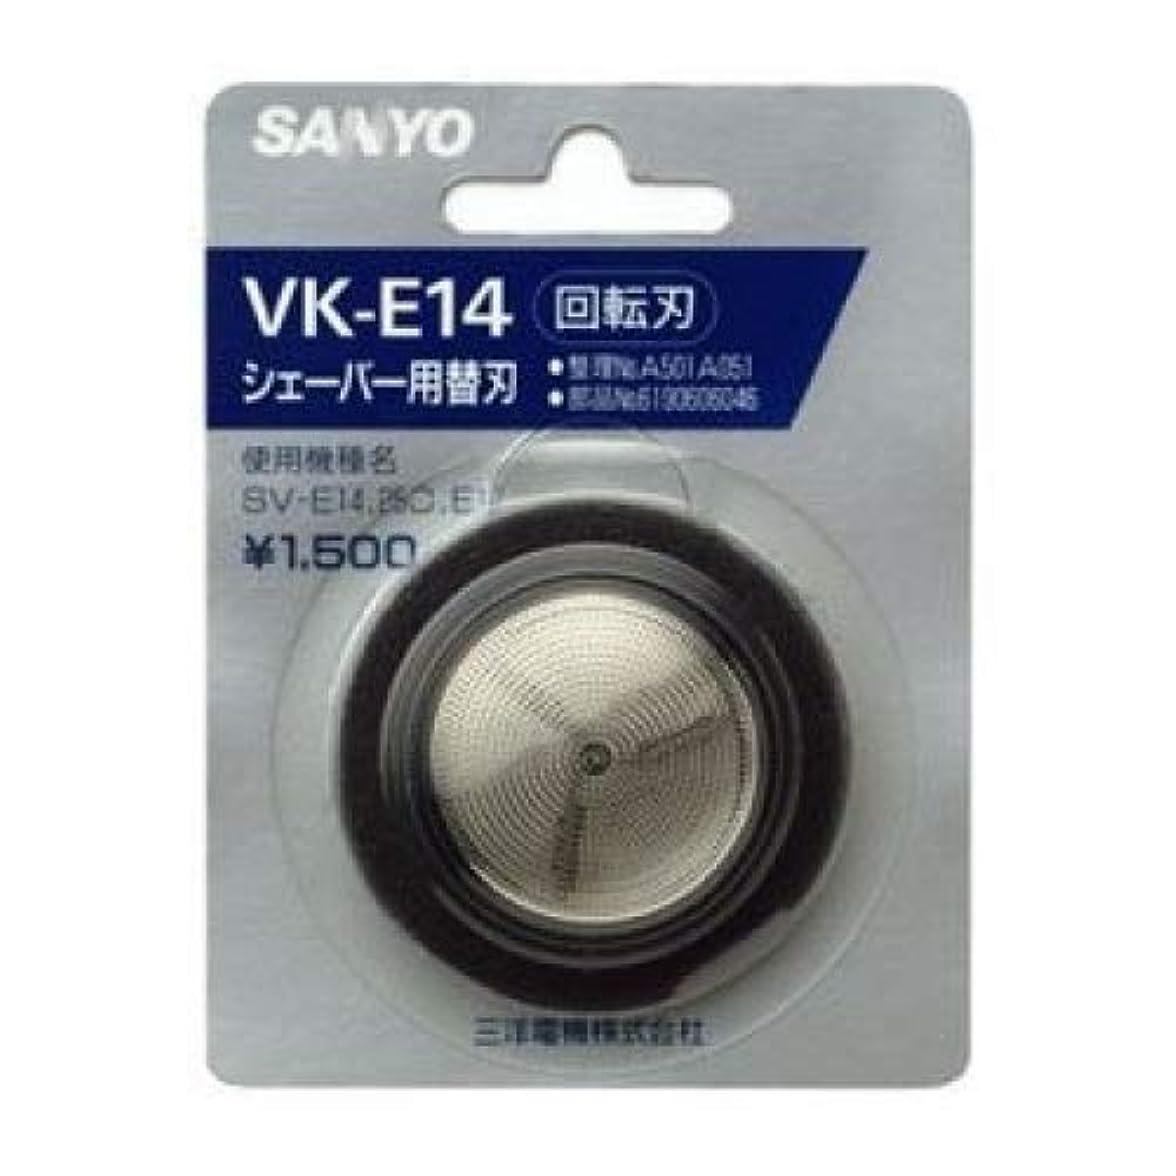 スキー子孫フローSANYO シェーバー用替刃 回転式 内?外刃セット KA-VK-E14